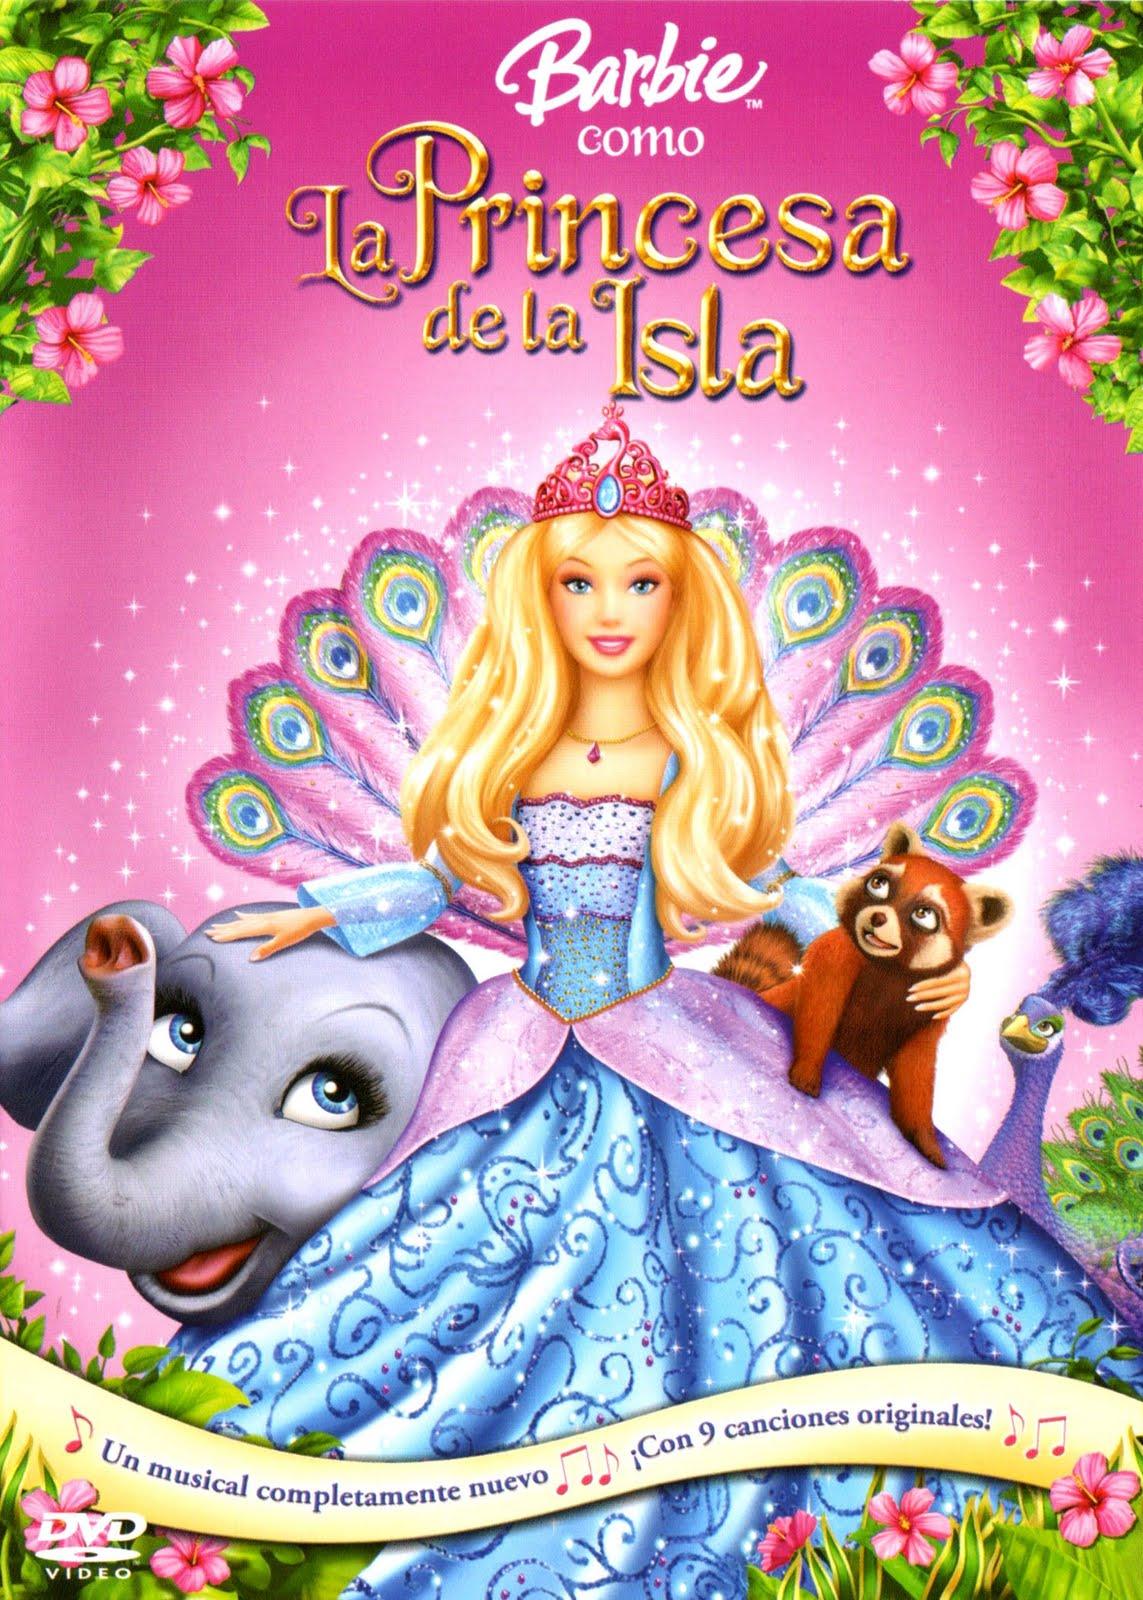 cine sinopsis y peliculas para descargar gratis: Barbie (Princesala princesa de la isla